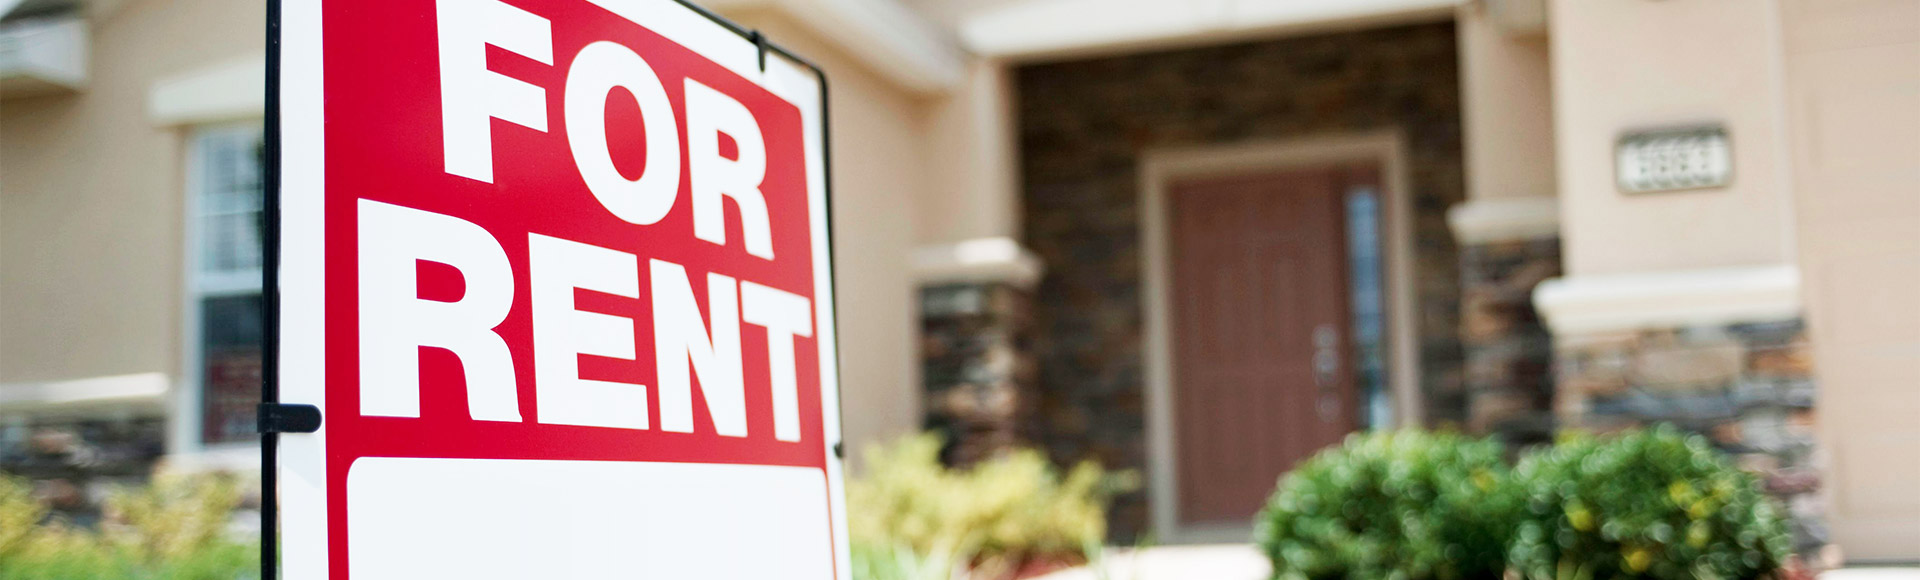 Atención arrendadores: Nueva ley de arriendo en Ontario comienza a regir el 30 de abril